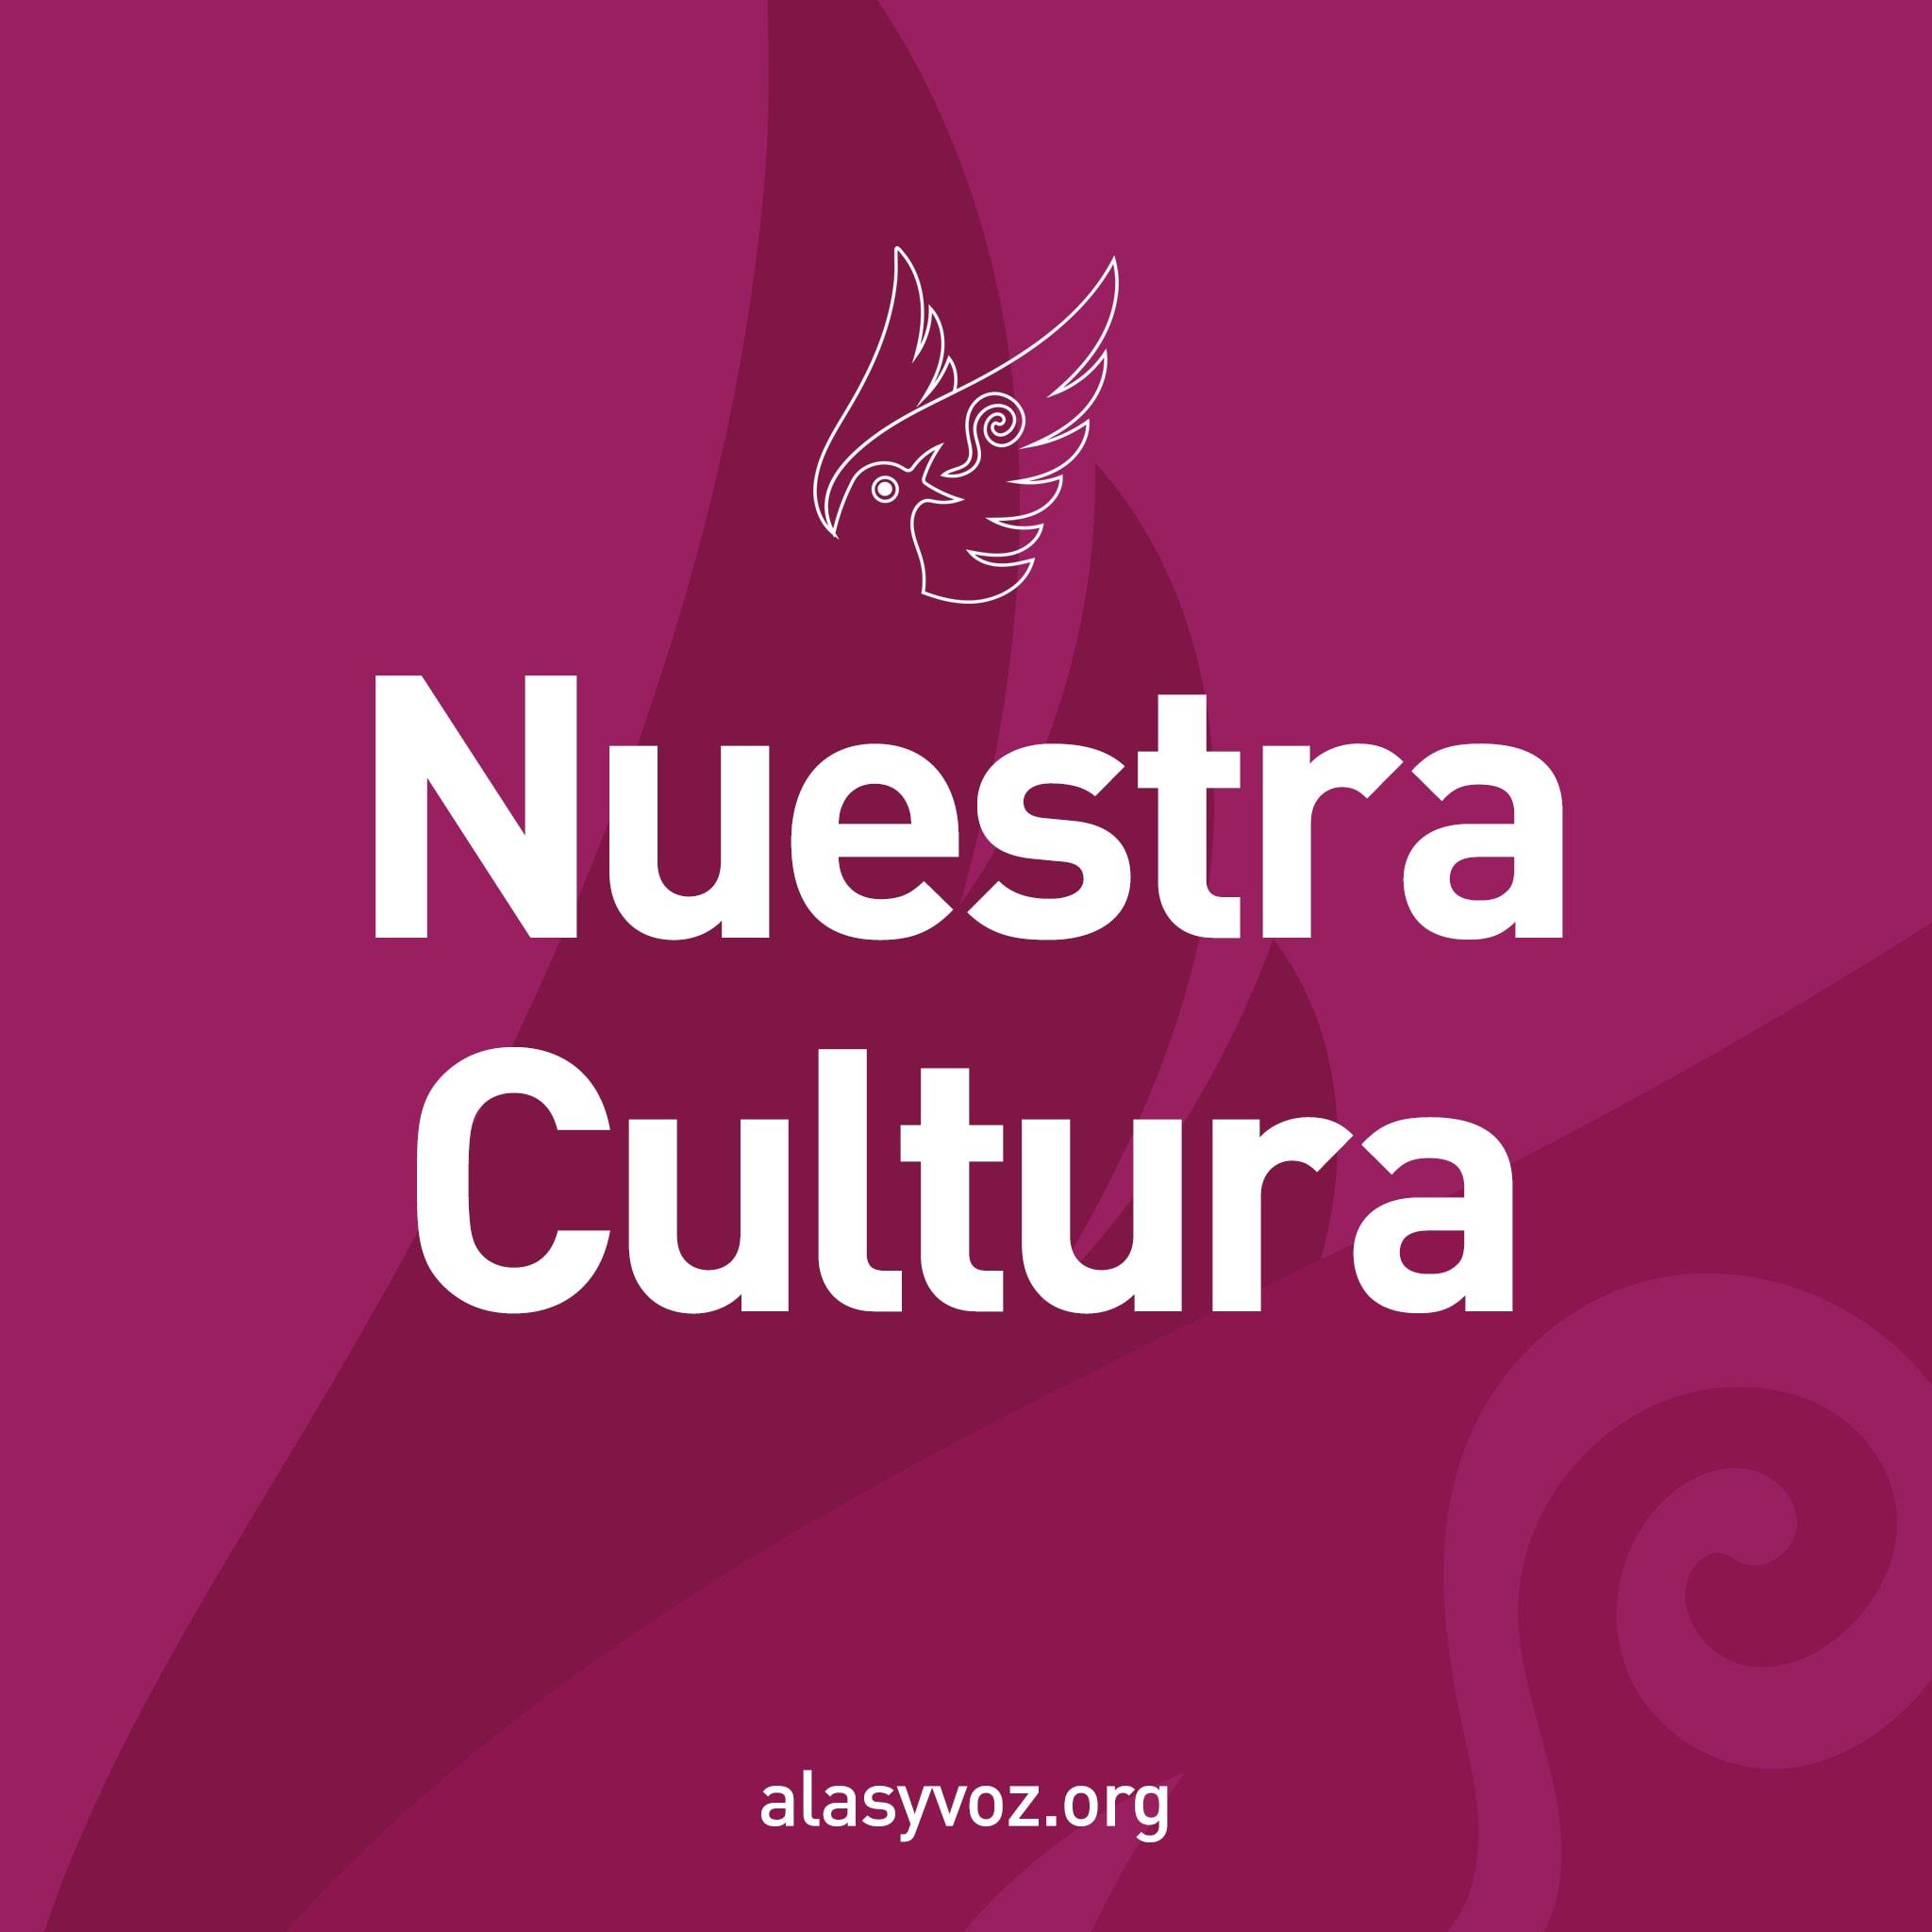 nuestra cultura